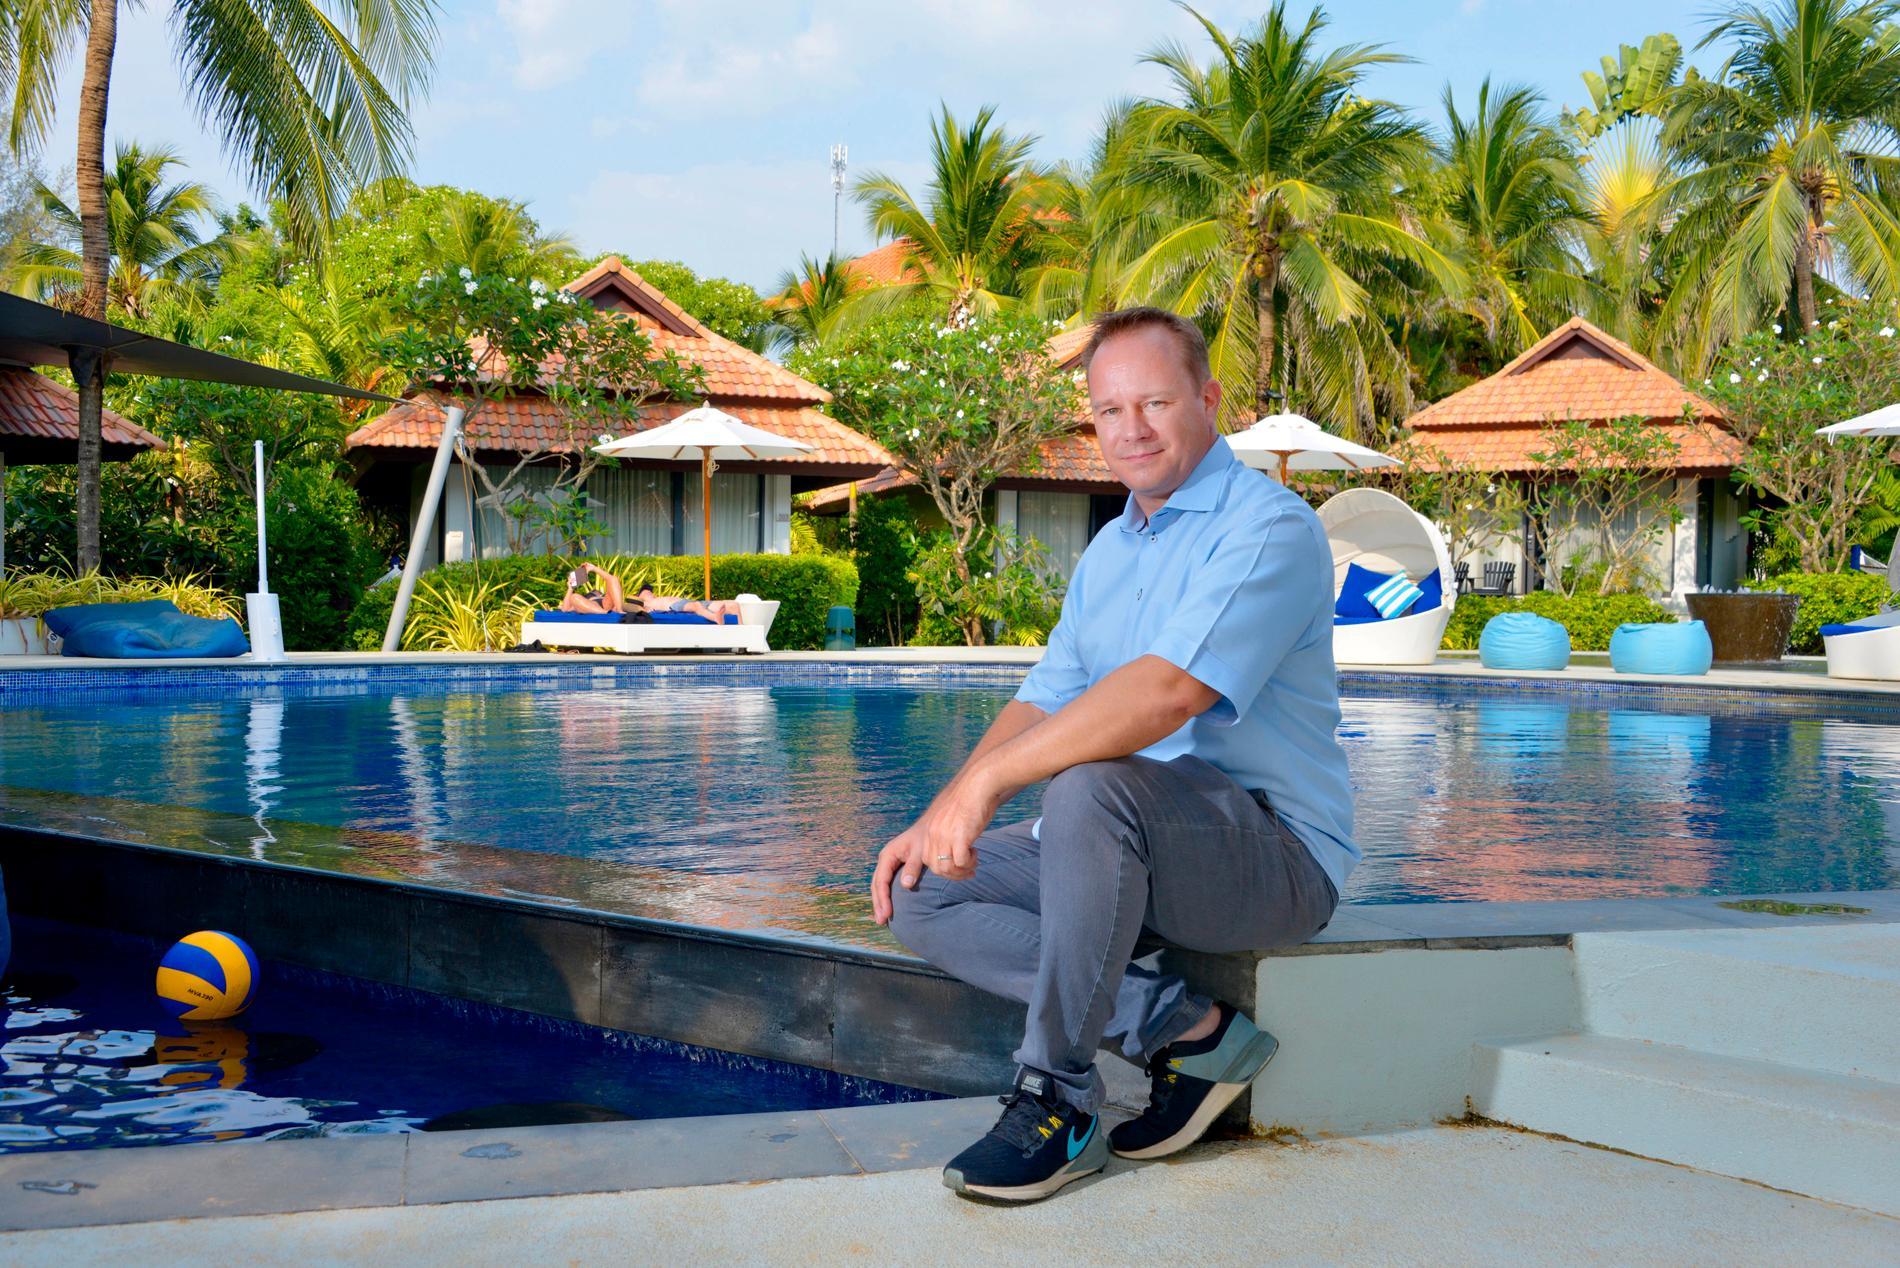 """""""Vi hoppas på det bästa men planerar för det värsta"""", säger Johan Wallen, chef på lyxhotellen Aleenta och Akyra på thailändska Phuket."""